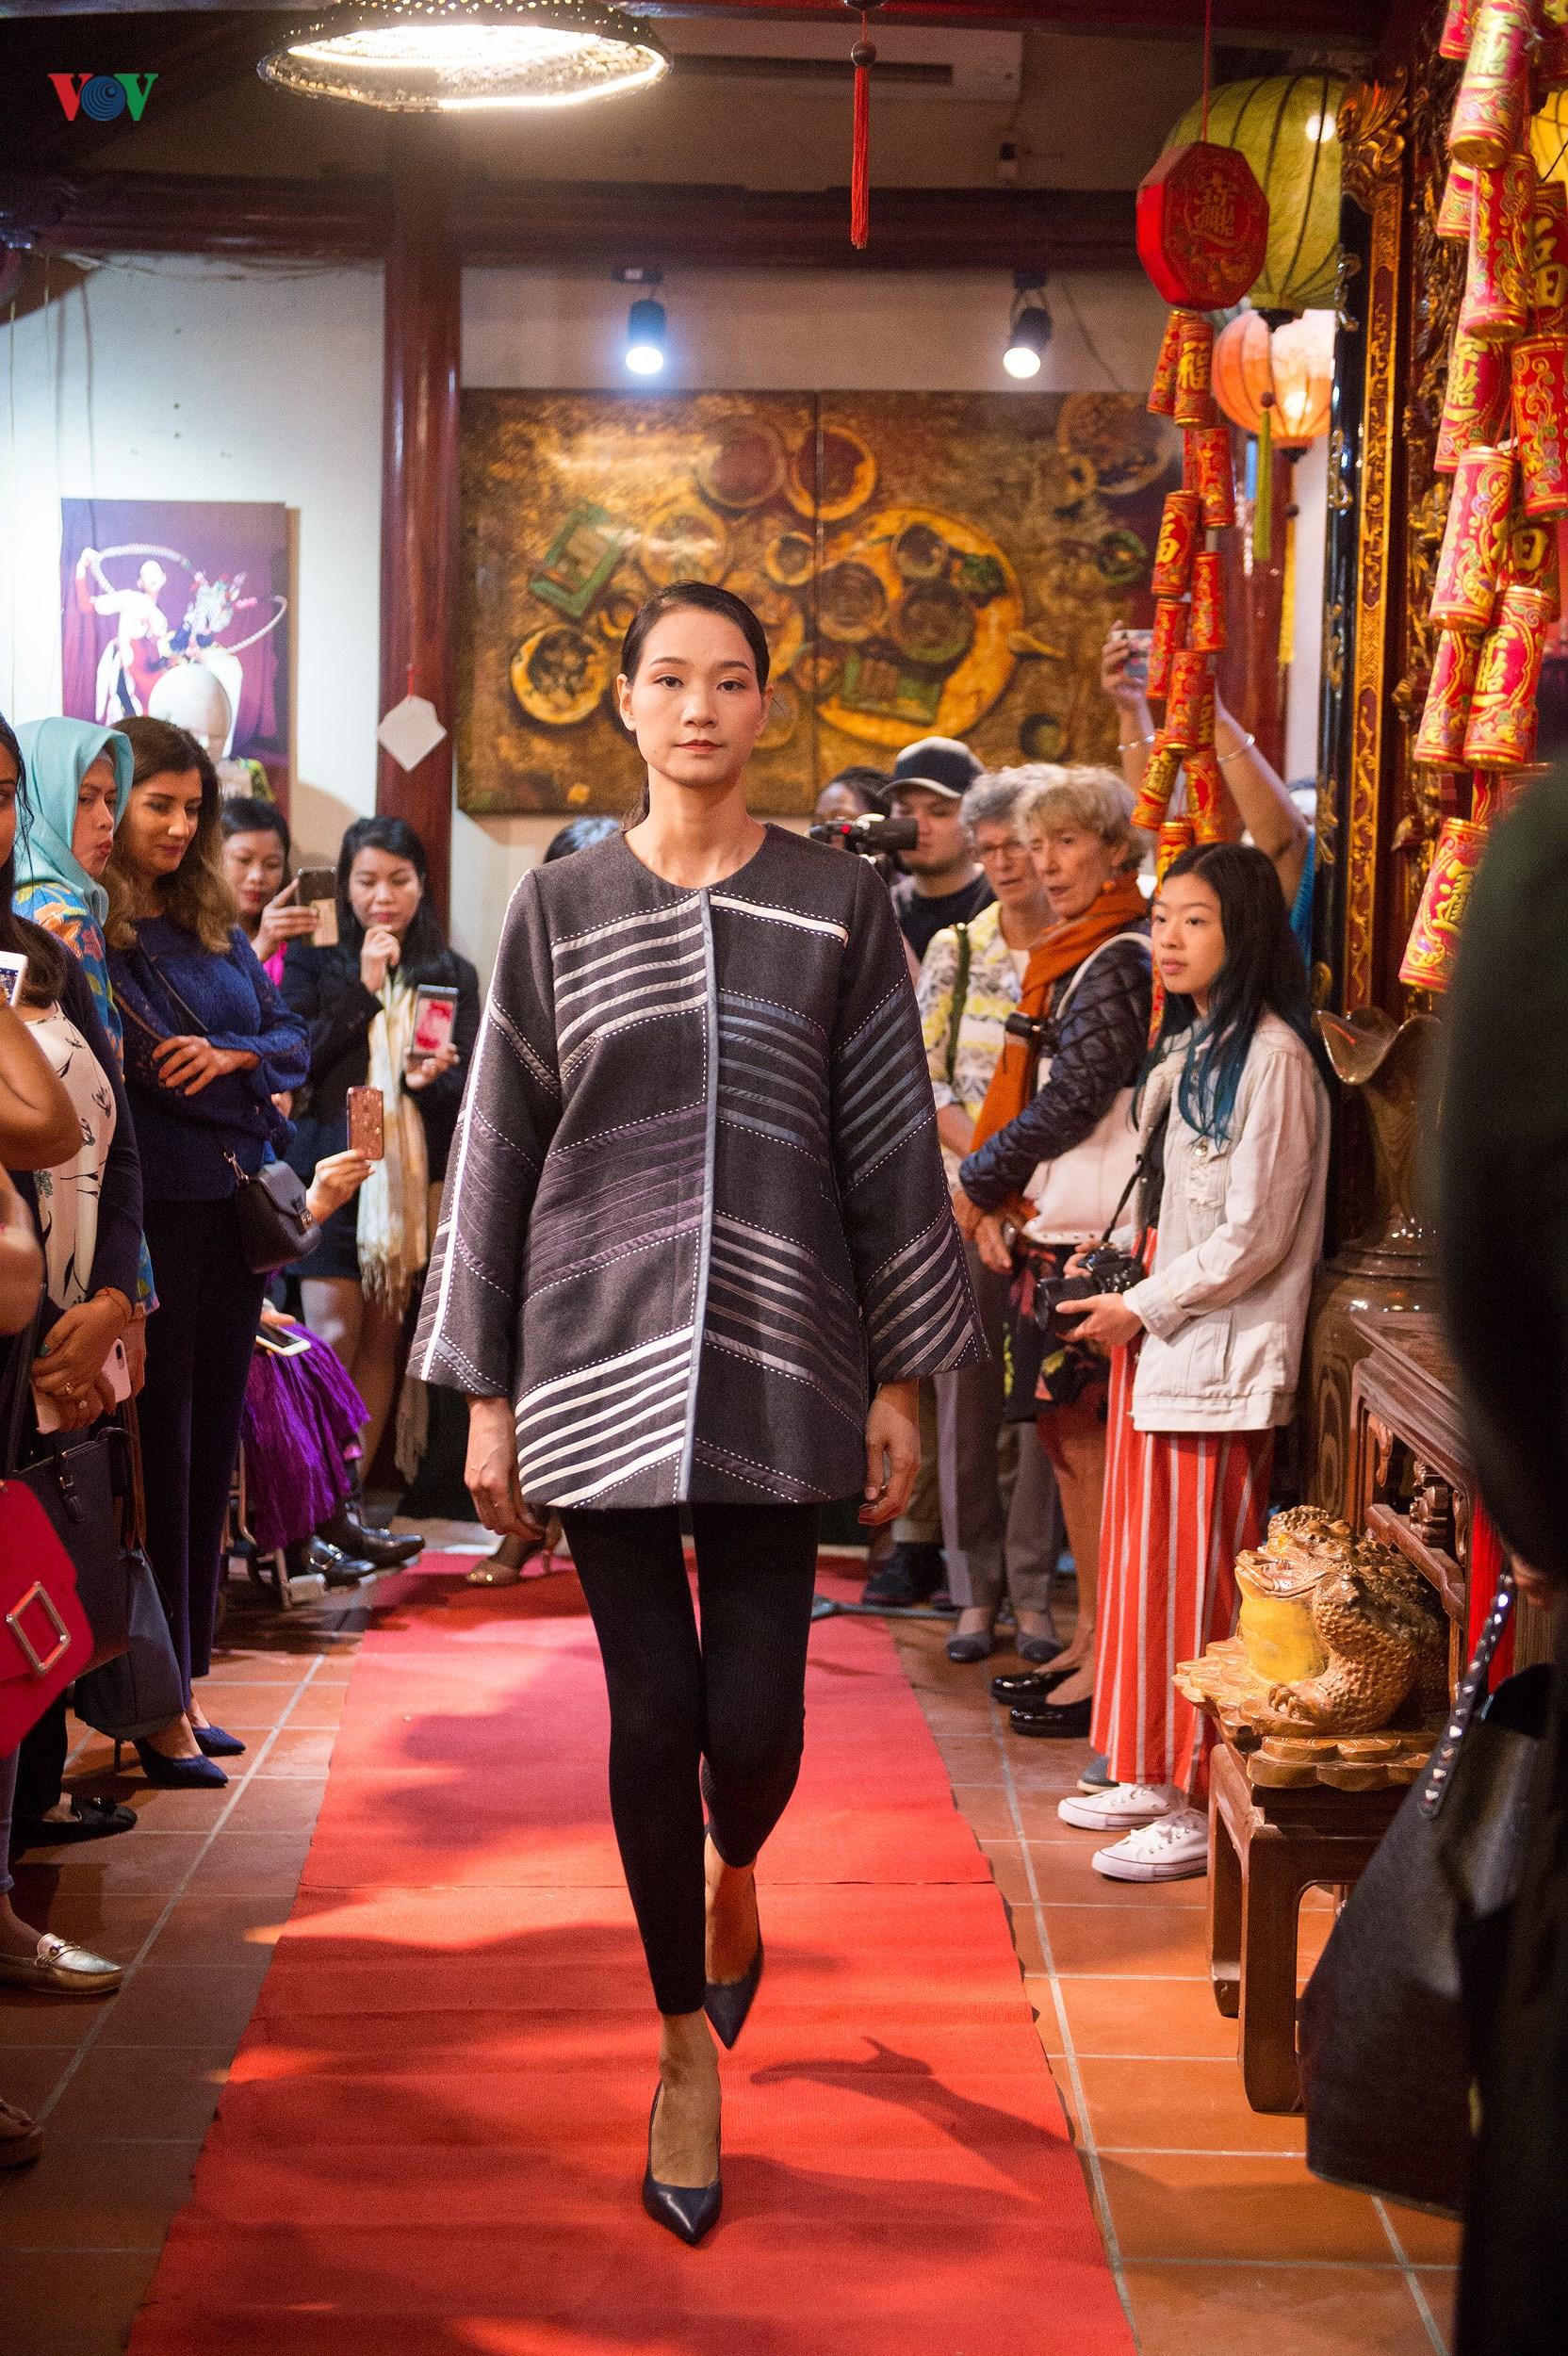 Chiêm ngưỡng bộ sưu tập thời trang đặc sắc của nhà thiết kế Sri Lanka Ảnh 17